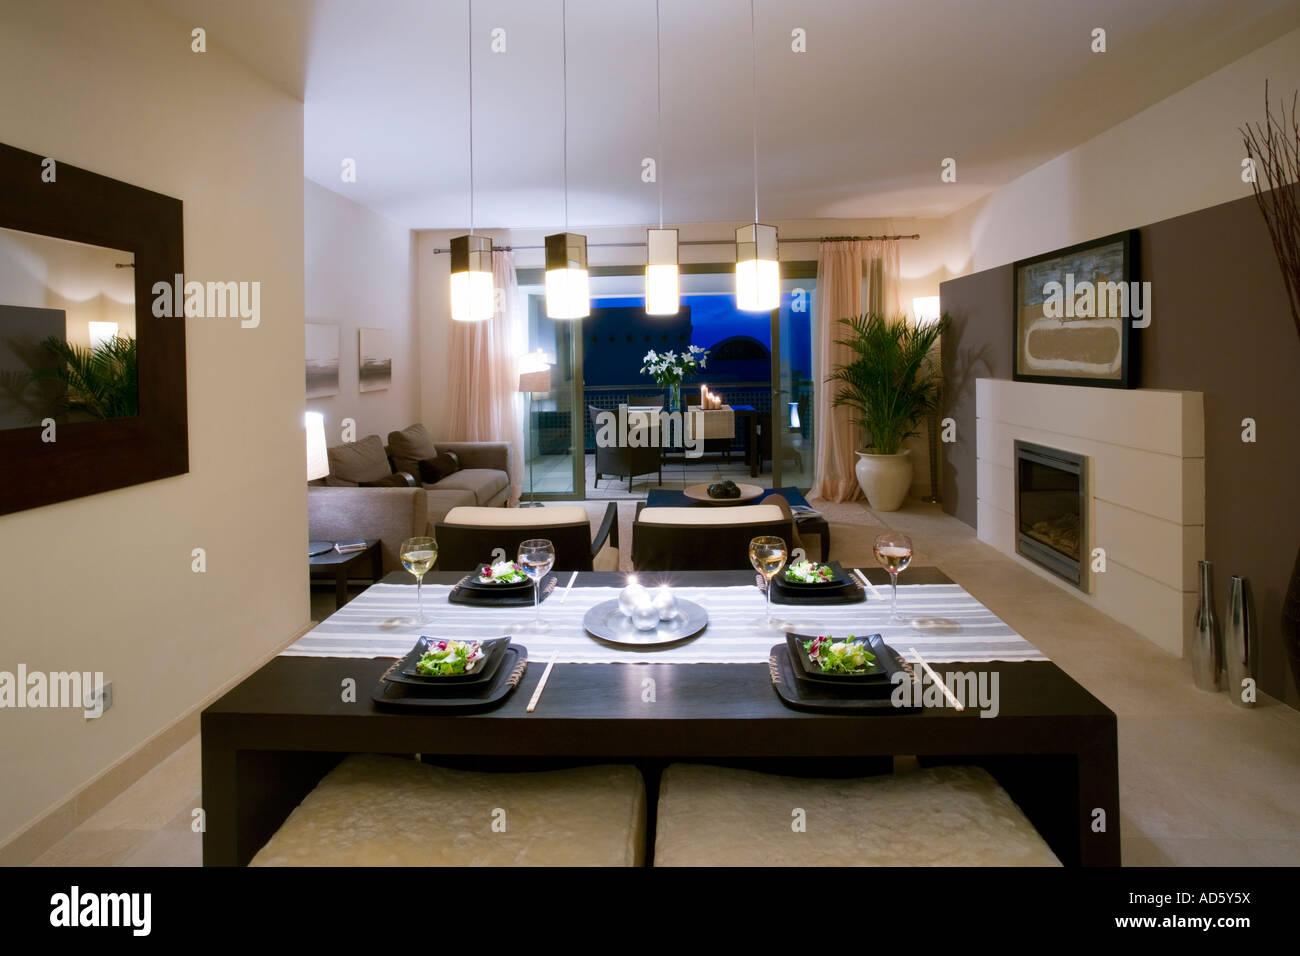 Offene Küche Mit Wohnzimmer Schöne Sonne Seite Wohnung Mit